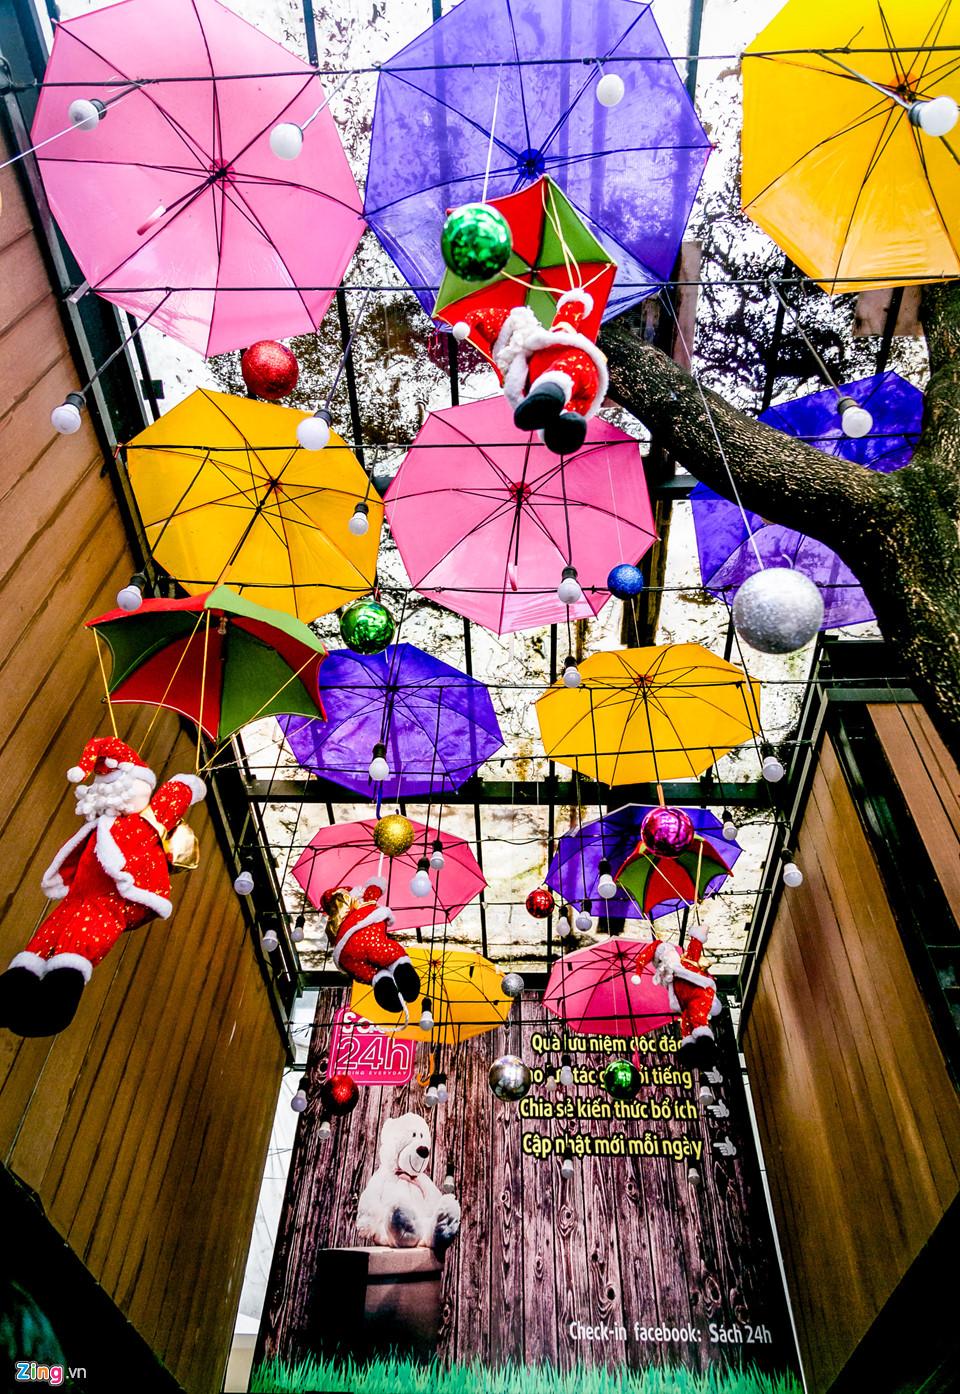 Tại đường sách Nguyễn Văn Bình, hình ảnh cây thông Giáng sinh và các hoạ tiết trang trí cho mùa lễ hội cũng đã được hoàn thành.